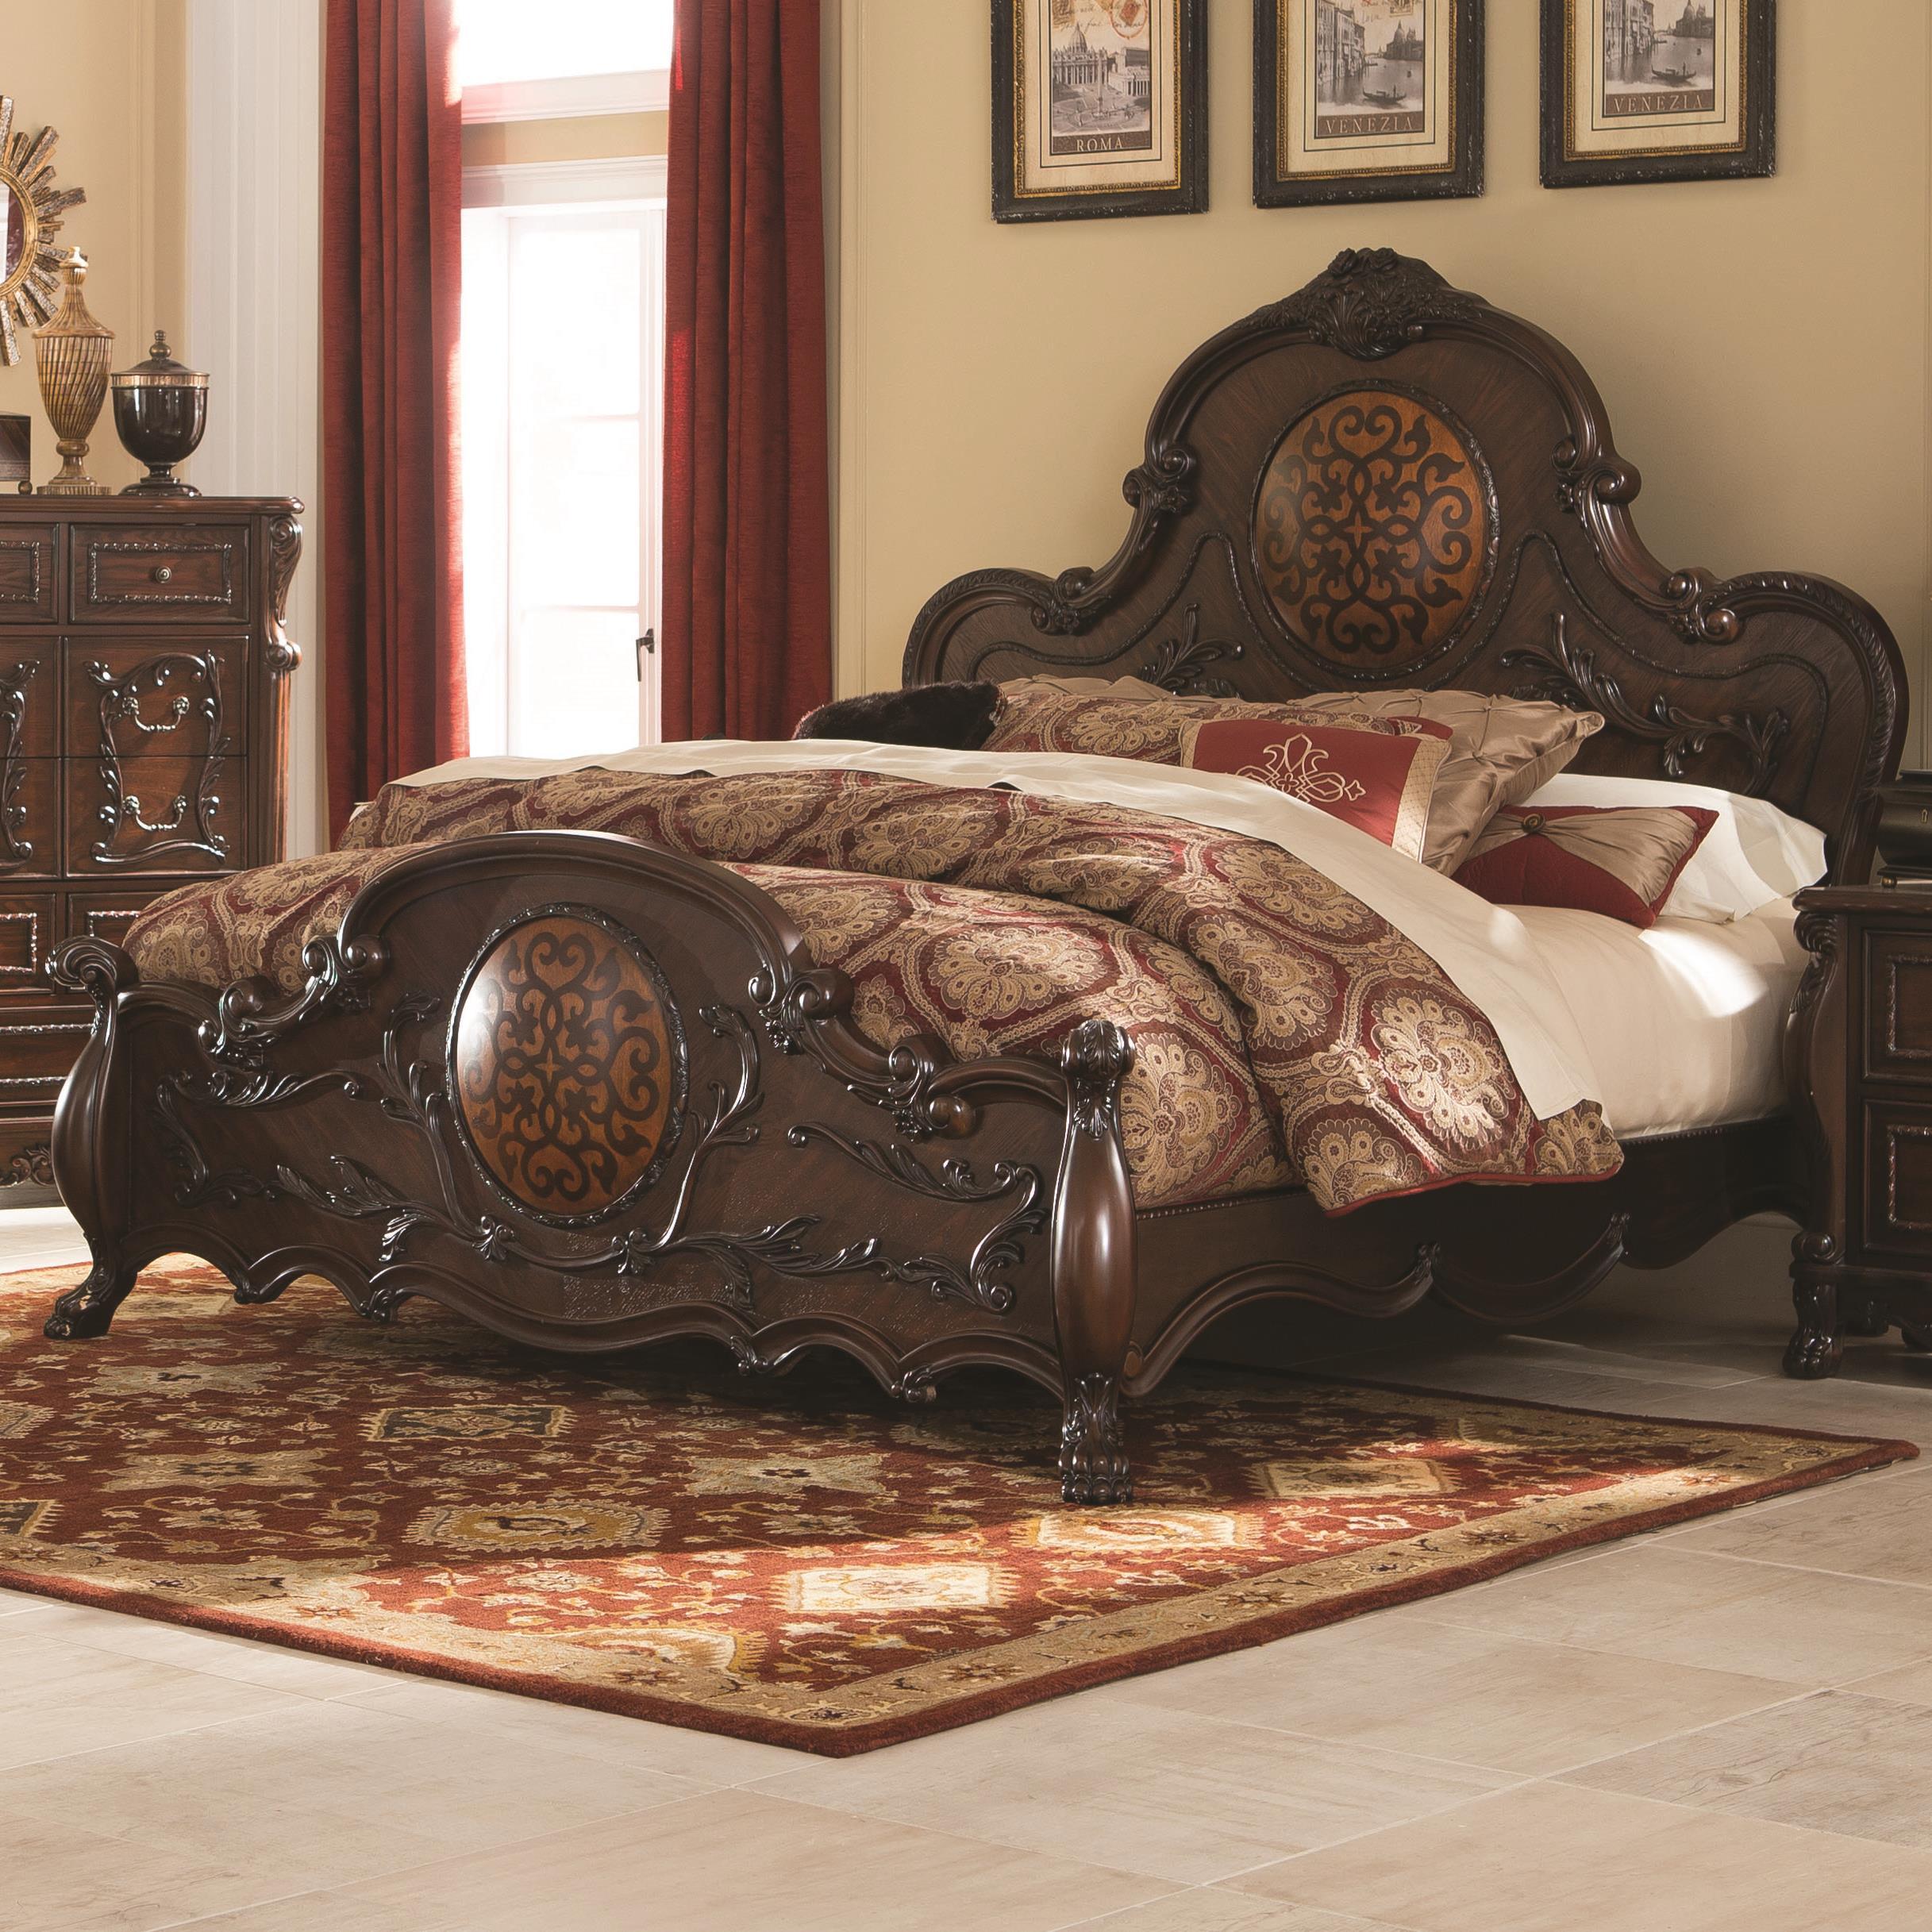 Coaster Abigail King Bed - Item Number: 204450KE